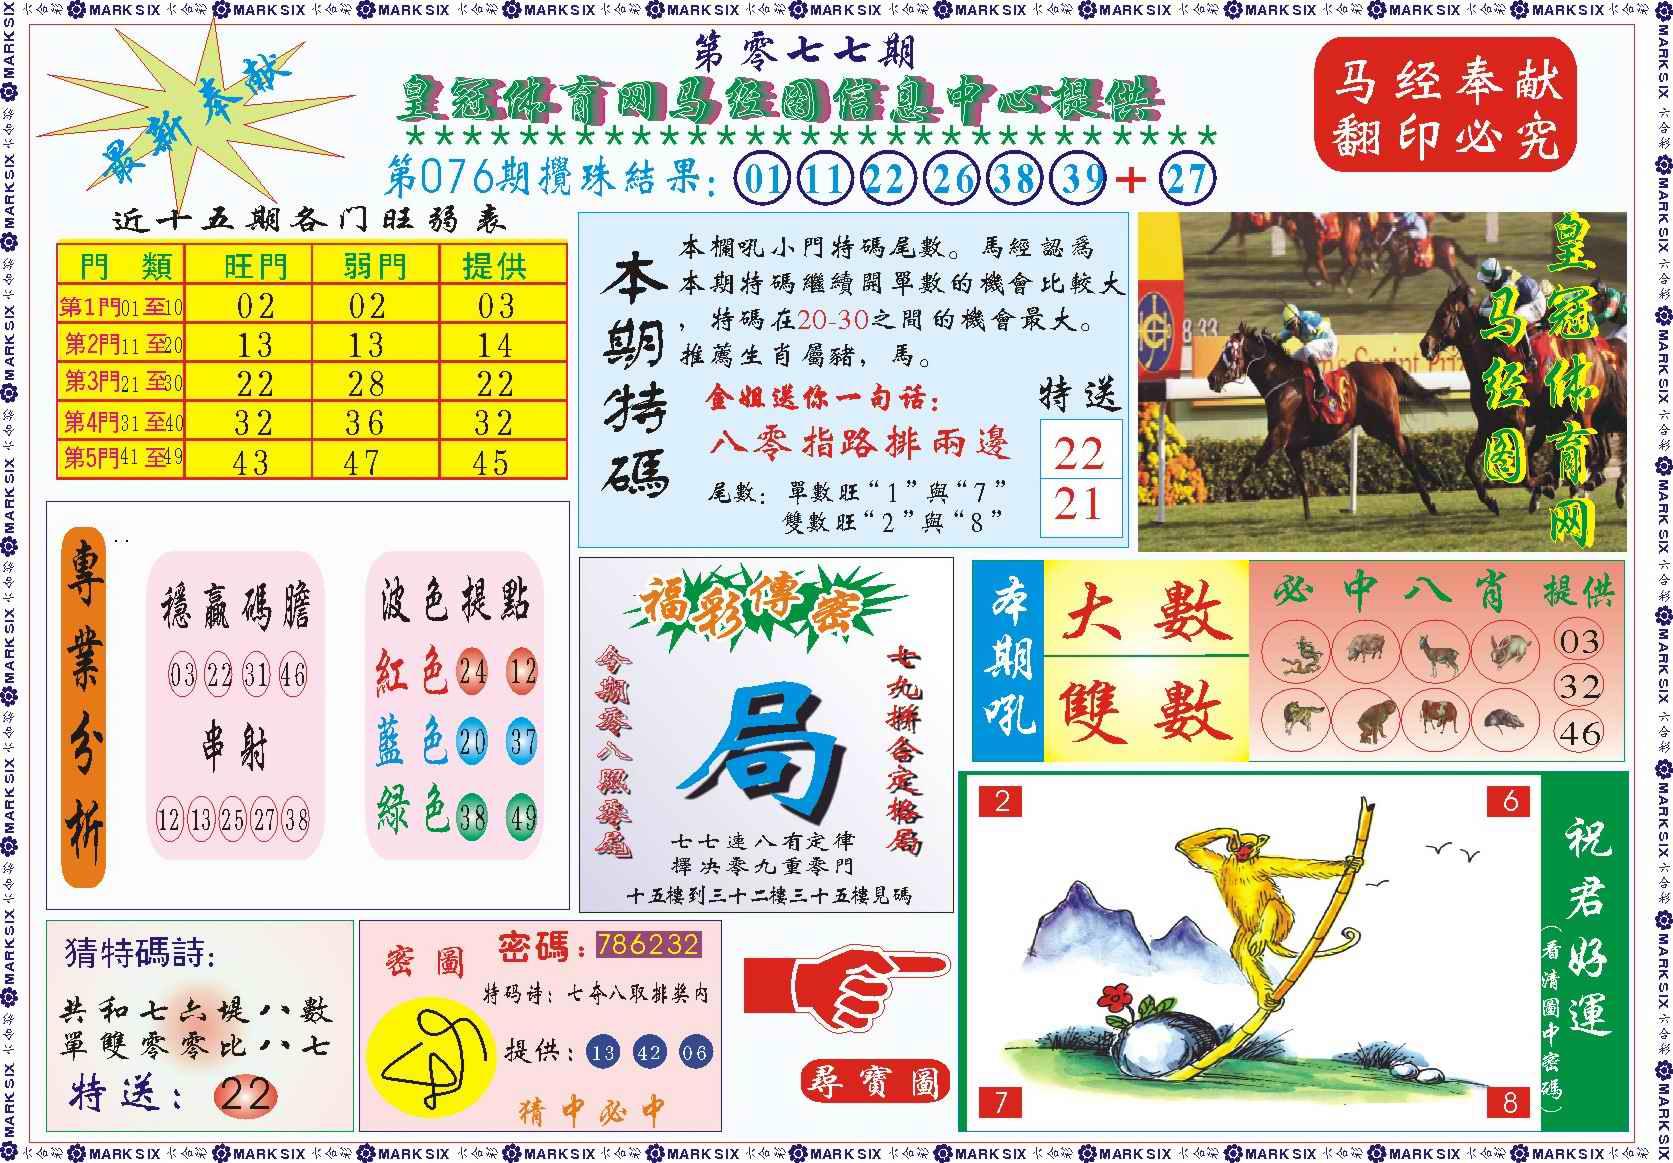 077期皇冠体育网马经图记录